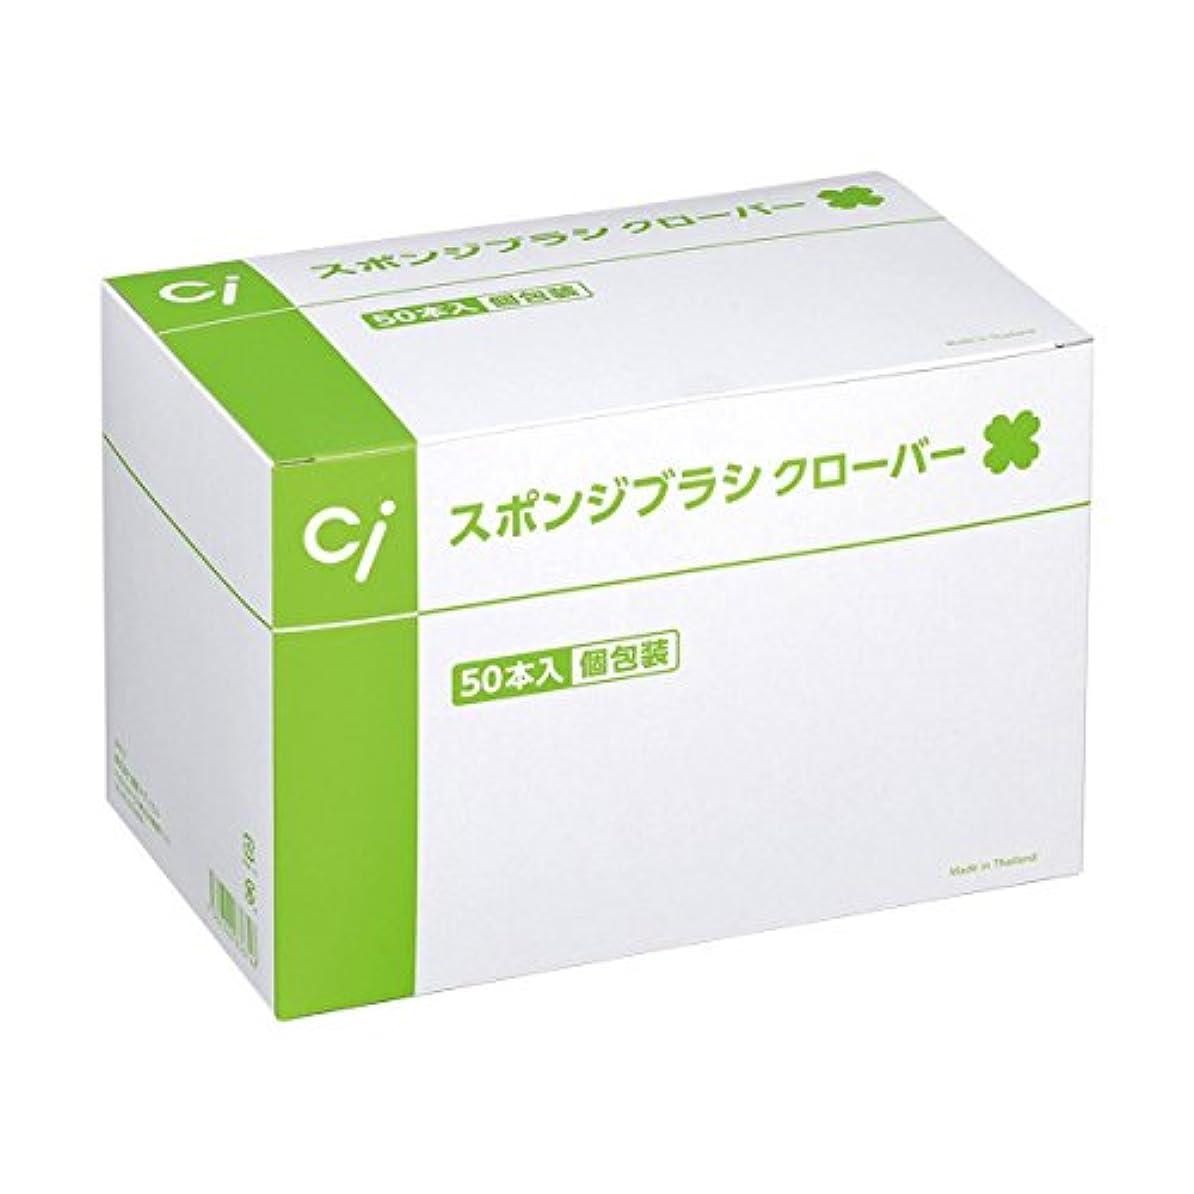 ブルームバットコレクションCi スポンジブラシ クローバー(50本入)